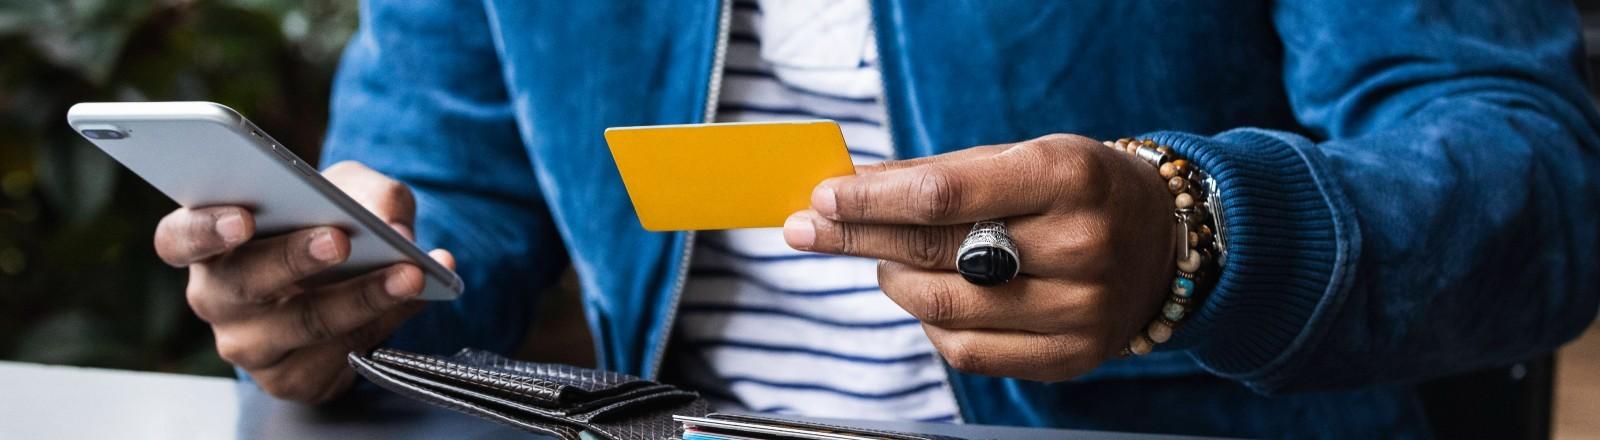 Ein Mann hält sein Smartphone und eine Bankkarte in den Händen